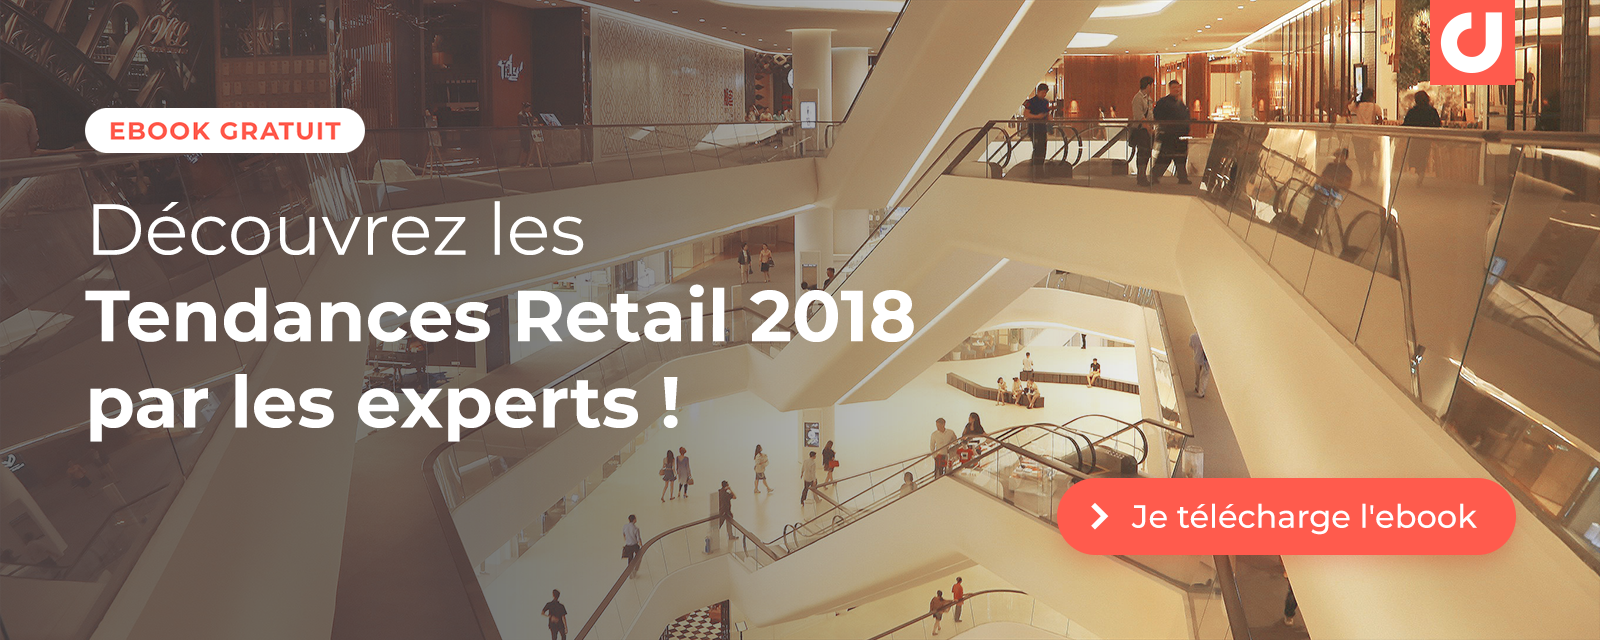 Découvrez les tendances Retail 2018 par les experts